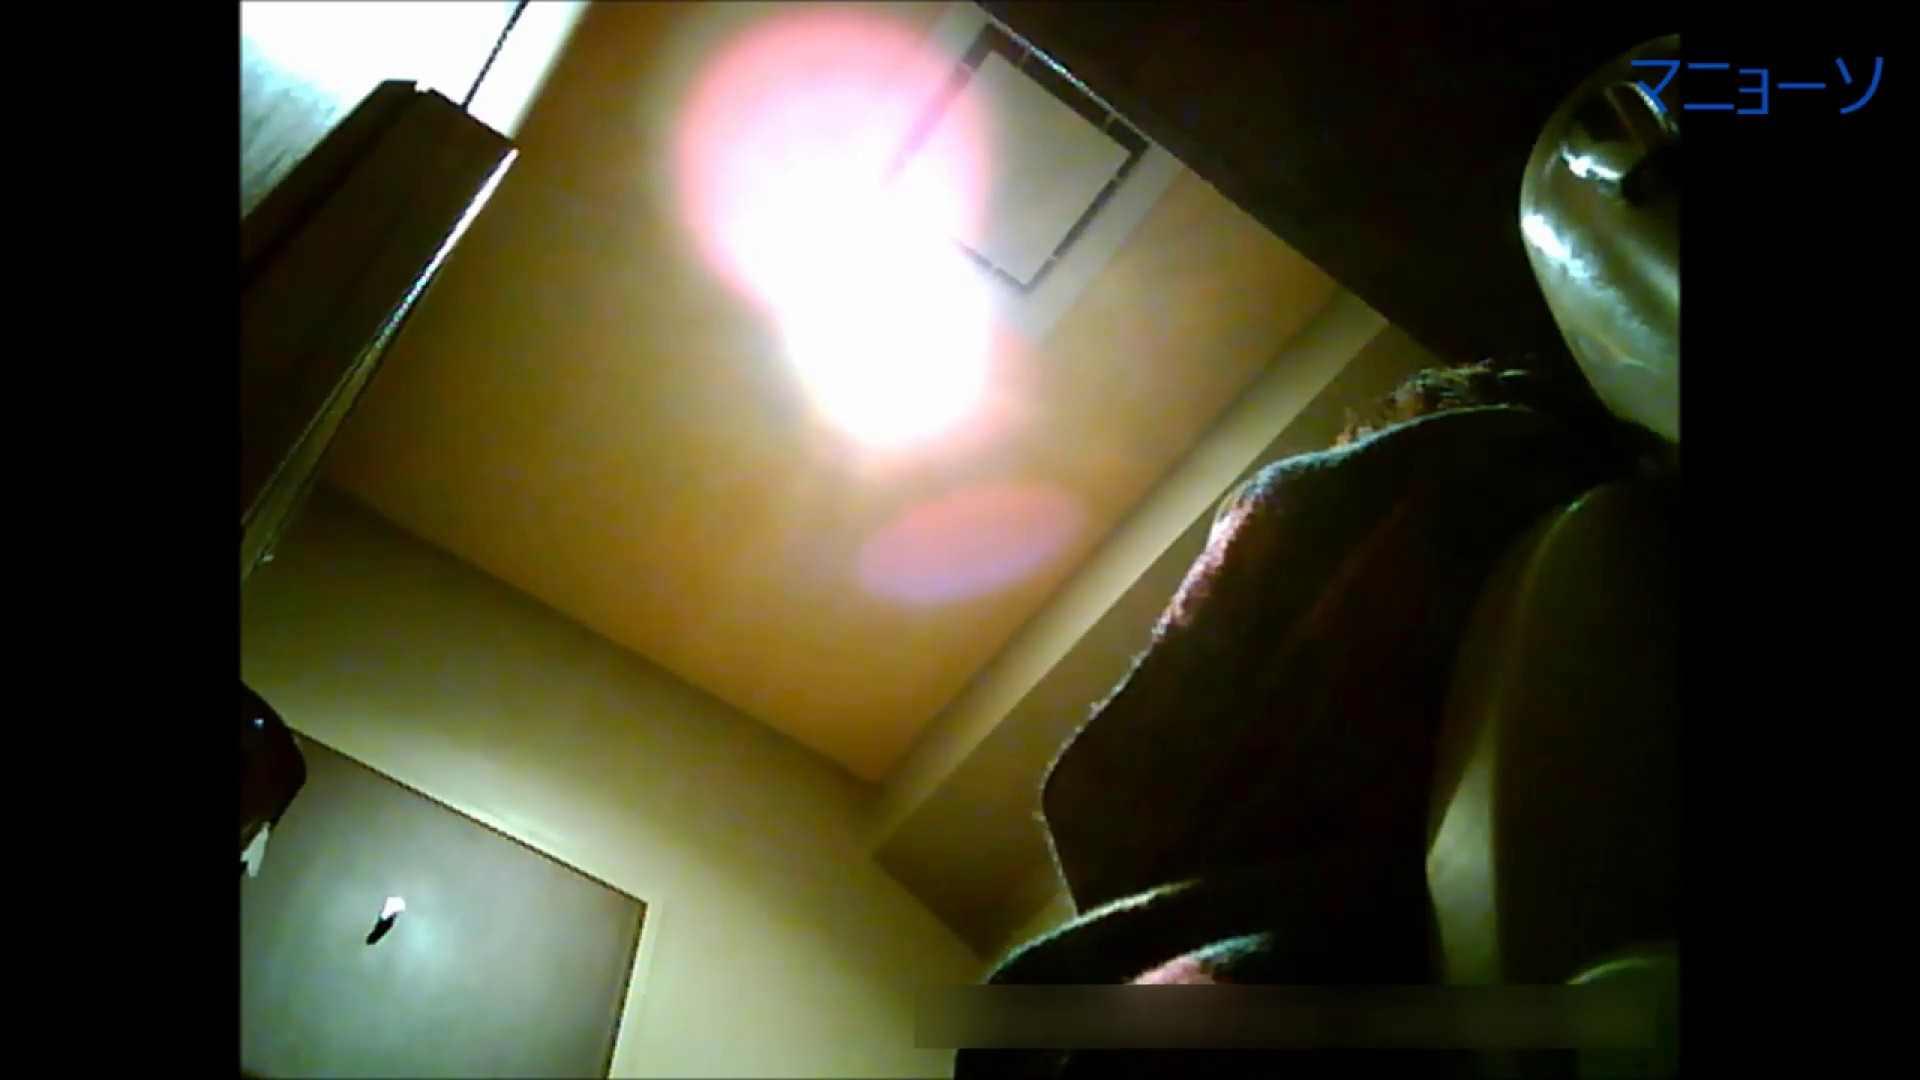 トイレでひと肌脱いでもらいました (JD編)Vol.02 トイレ  80pic 42